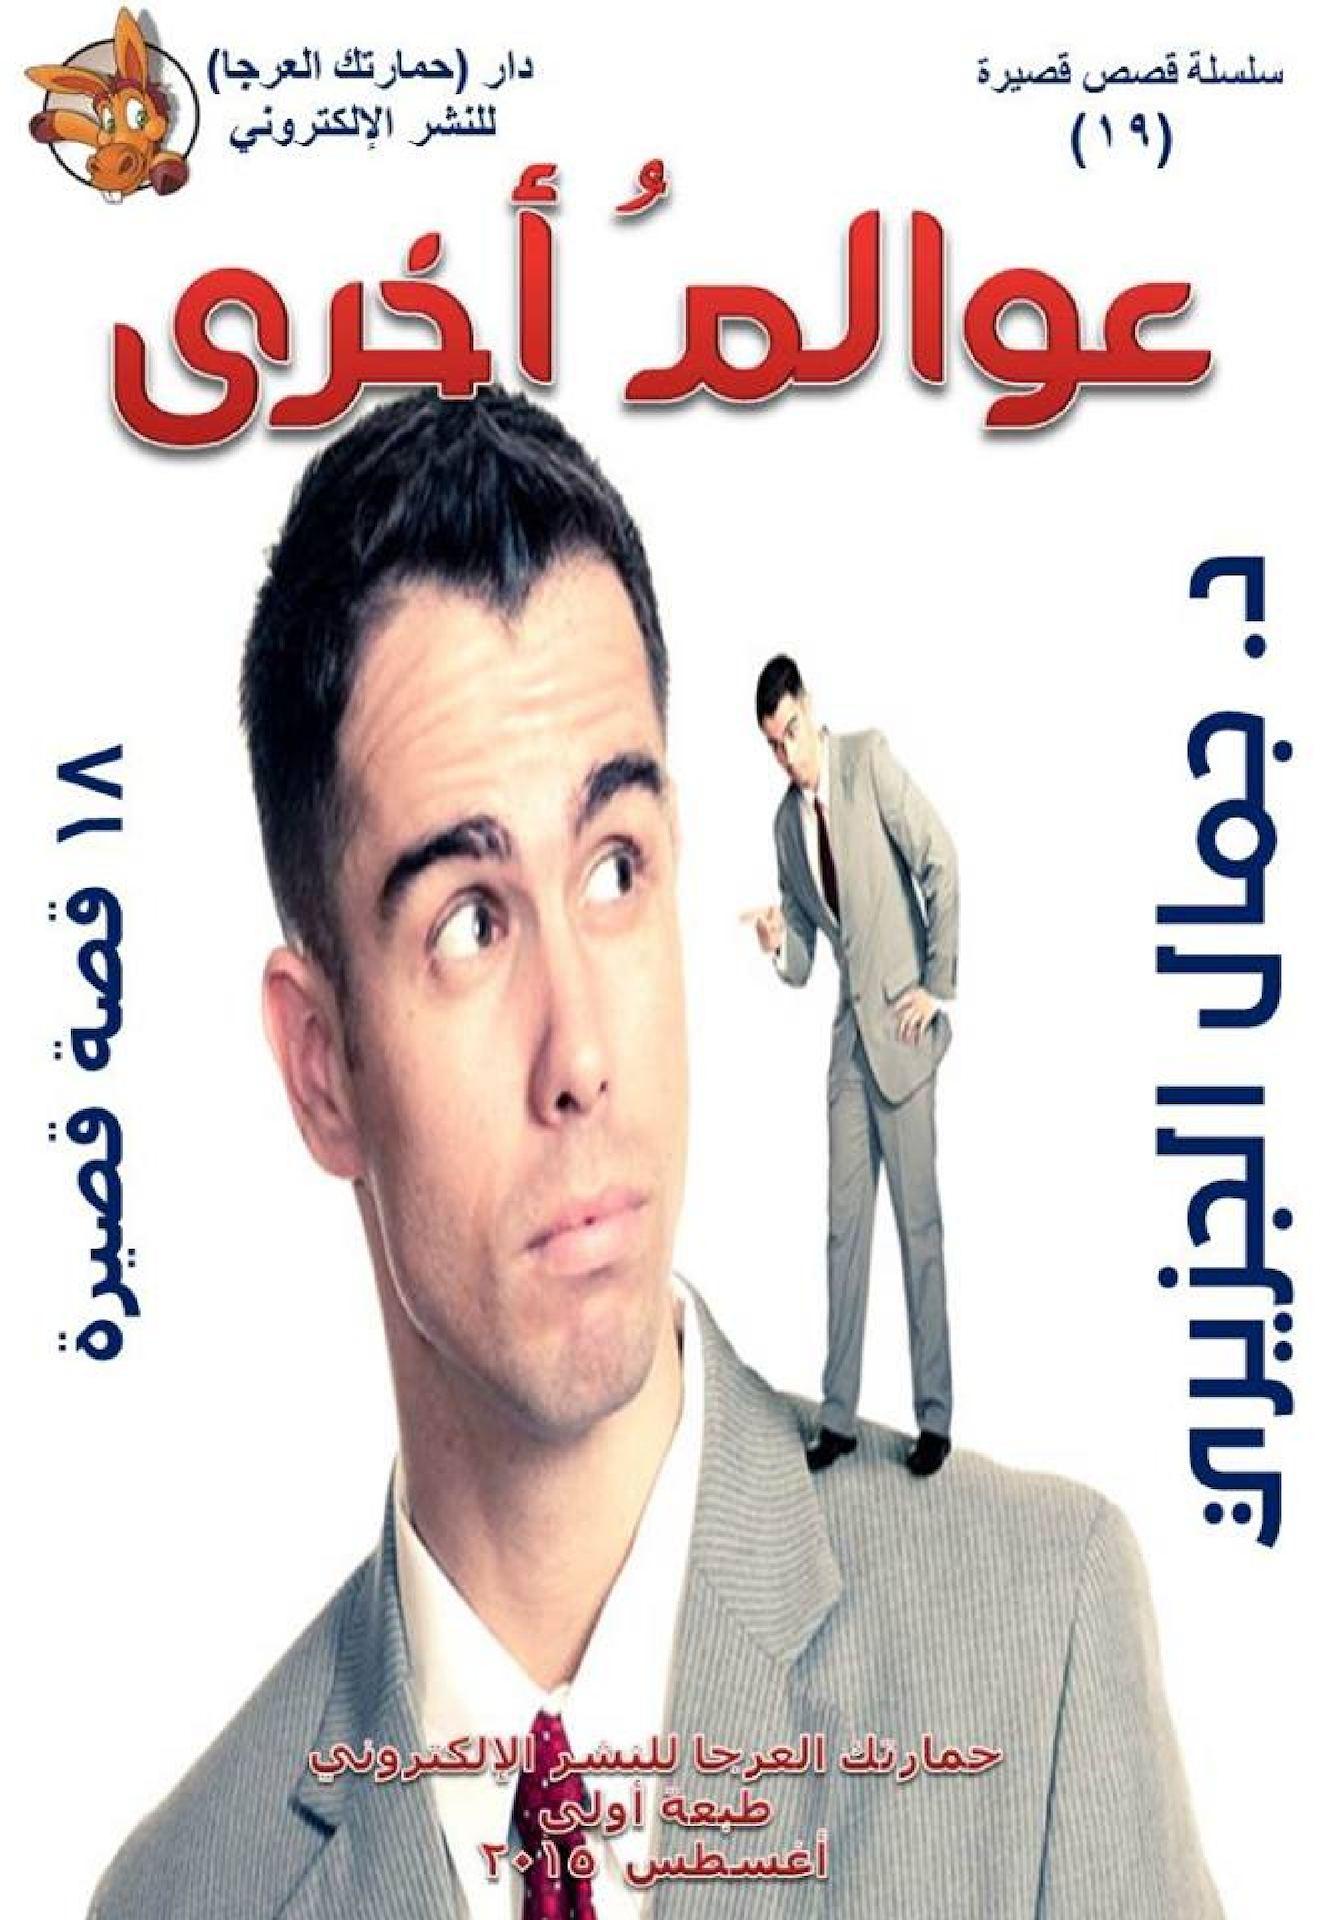 تحميل اغنية النور مكانه في القلوب نغم العرب